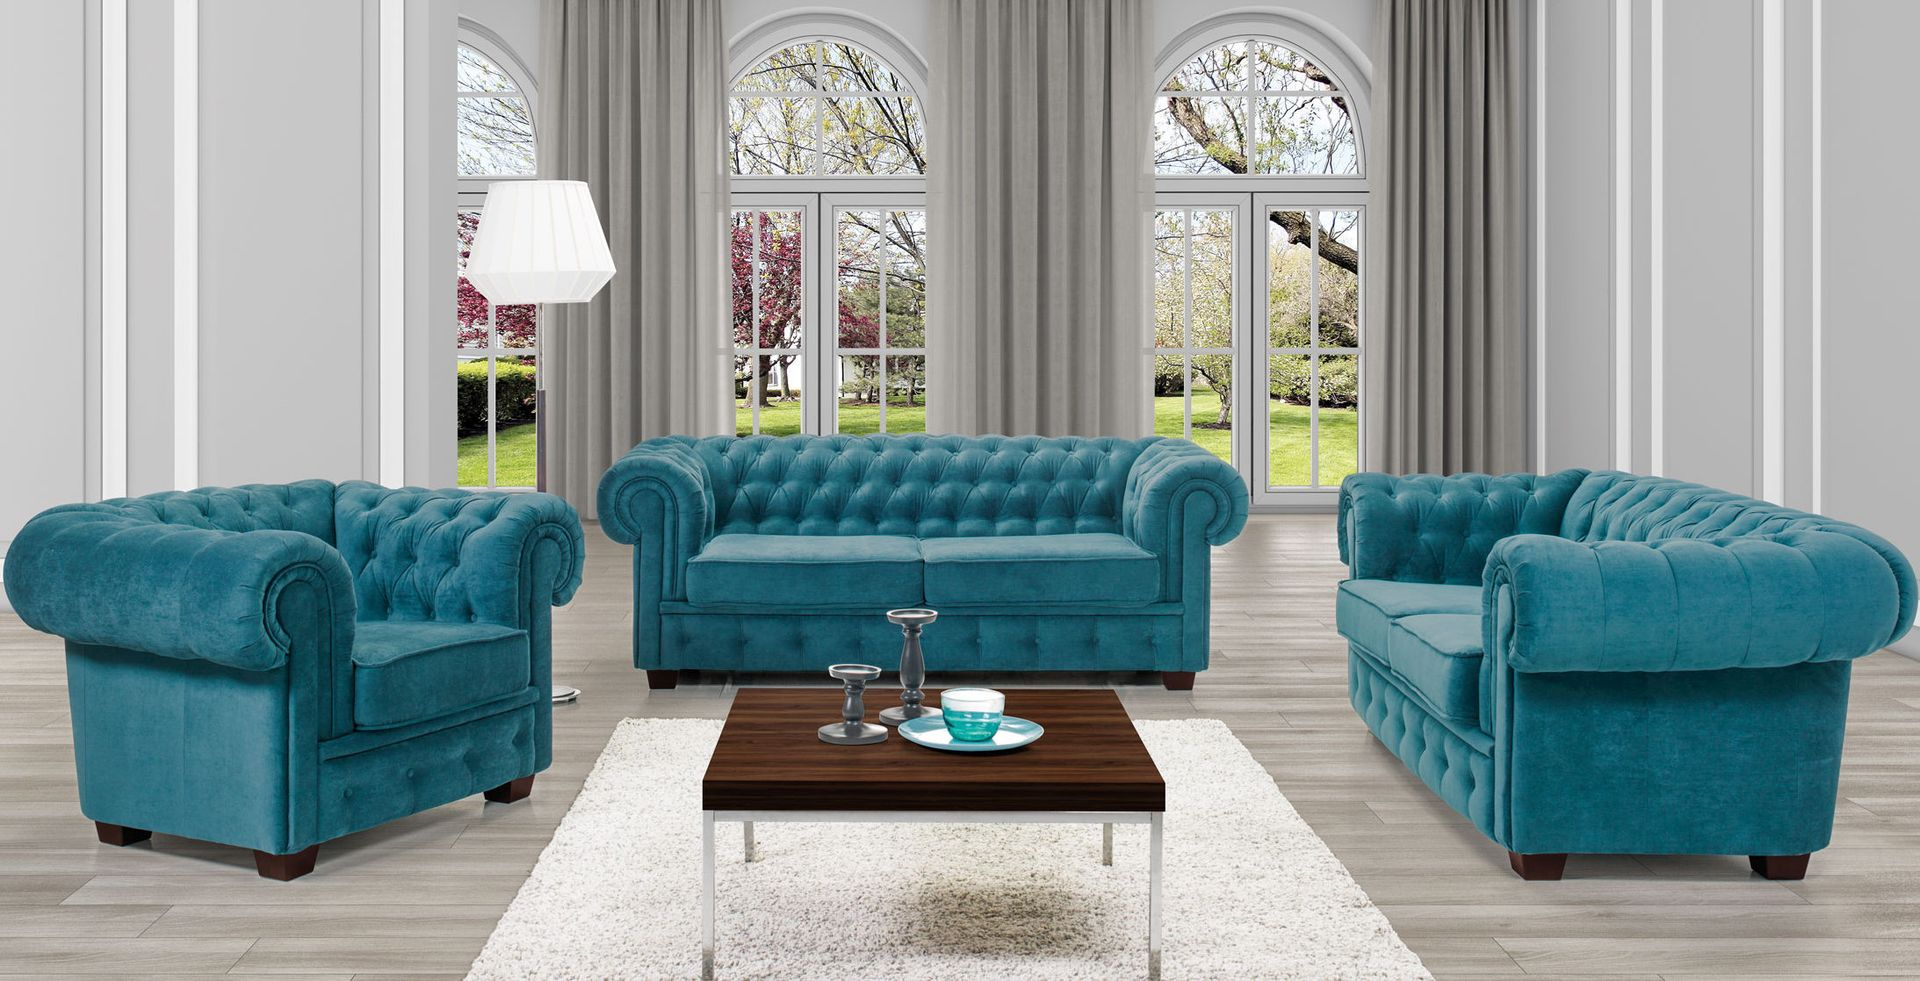 Sofagarnitur Sofa Couch 321 Garnitur Bettfunktion Couchgarnitur